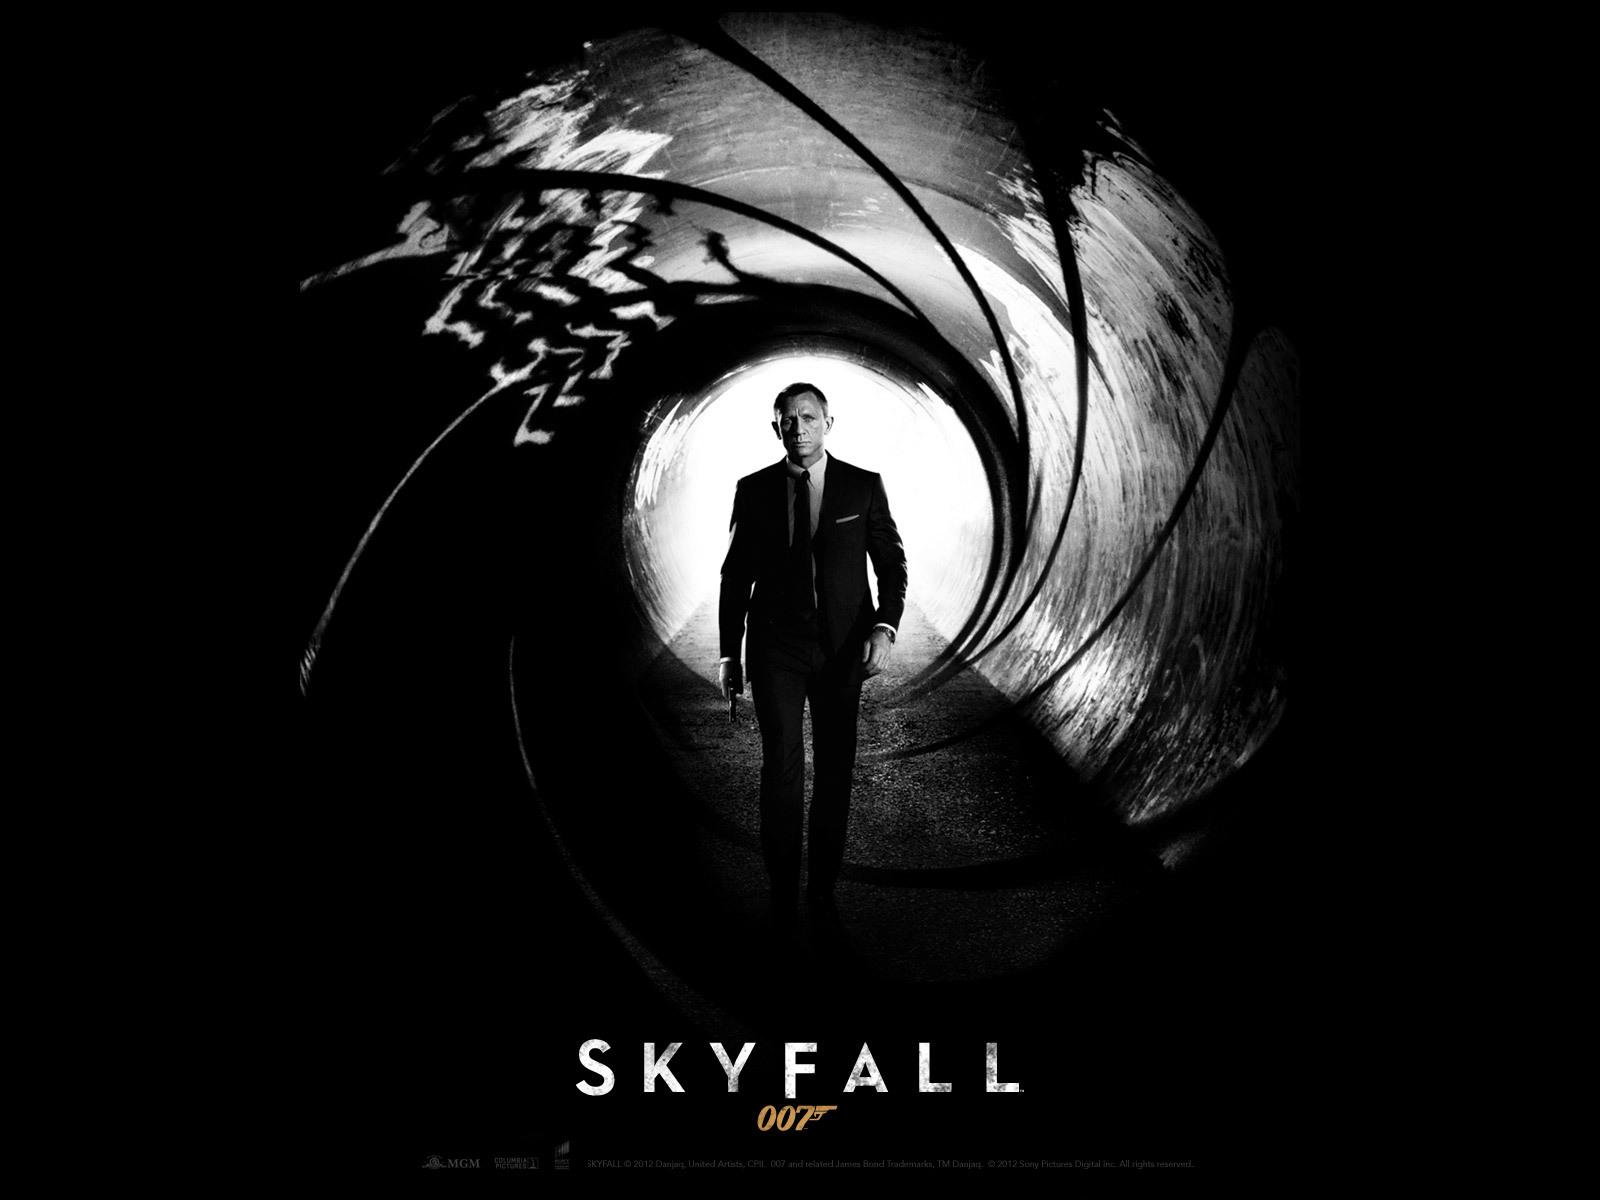 16752 скачать обои Кино, Люди, Актеры, Мужчины, Джеймс Бонд (James Bond), Даниэл Крейг (Daniel Craig) - заставки и картинки бесплатно